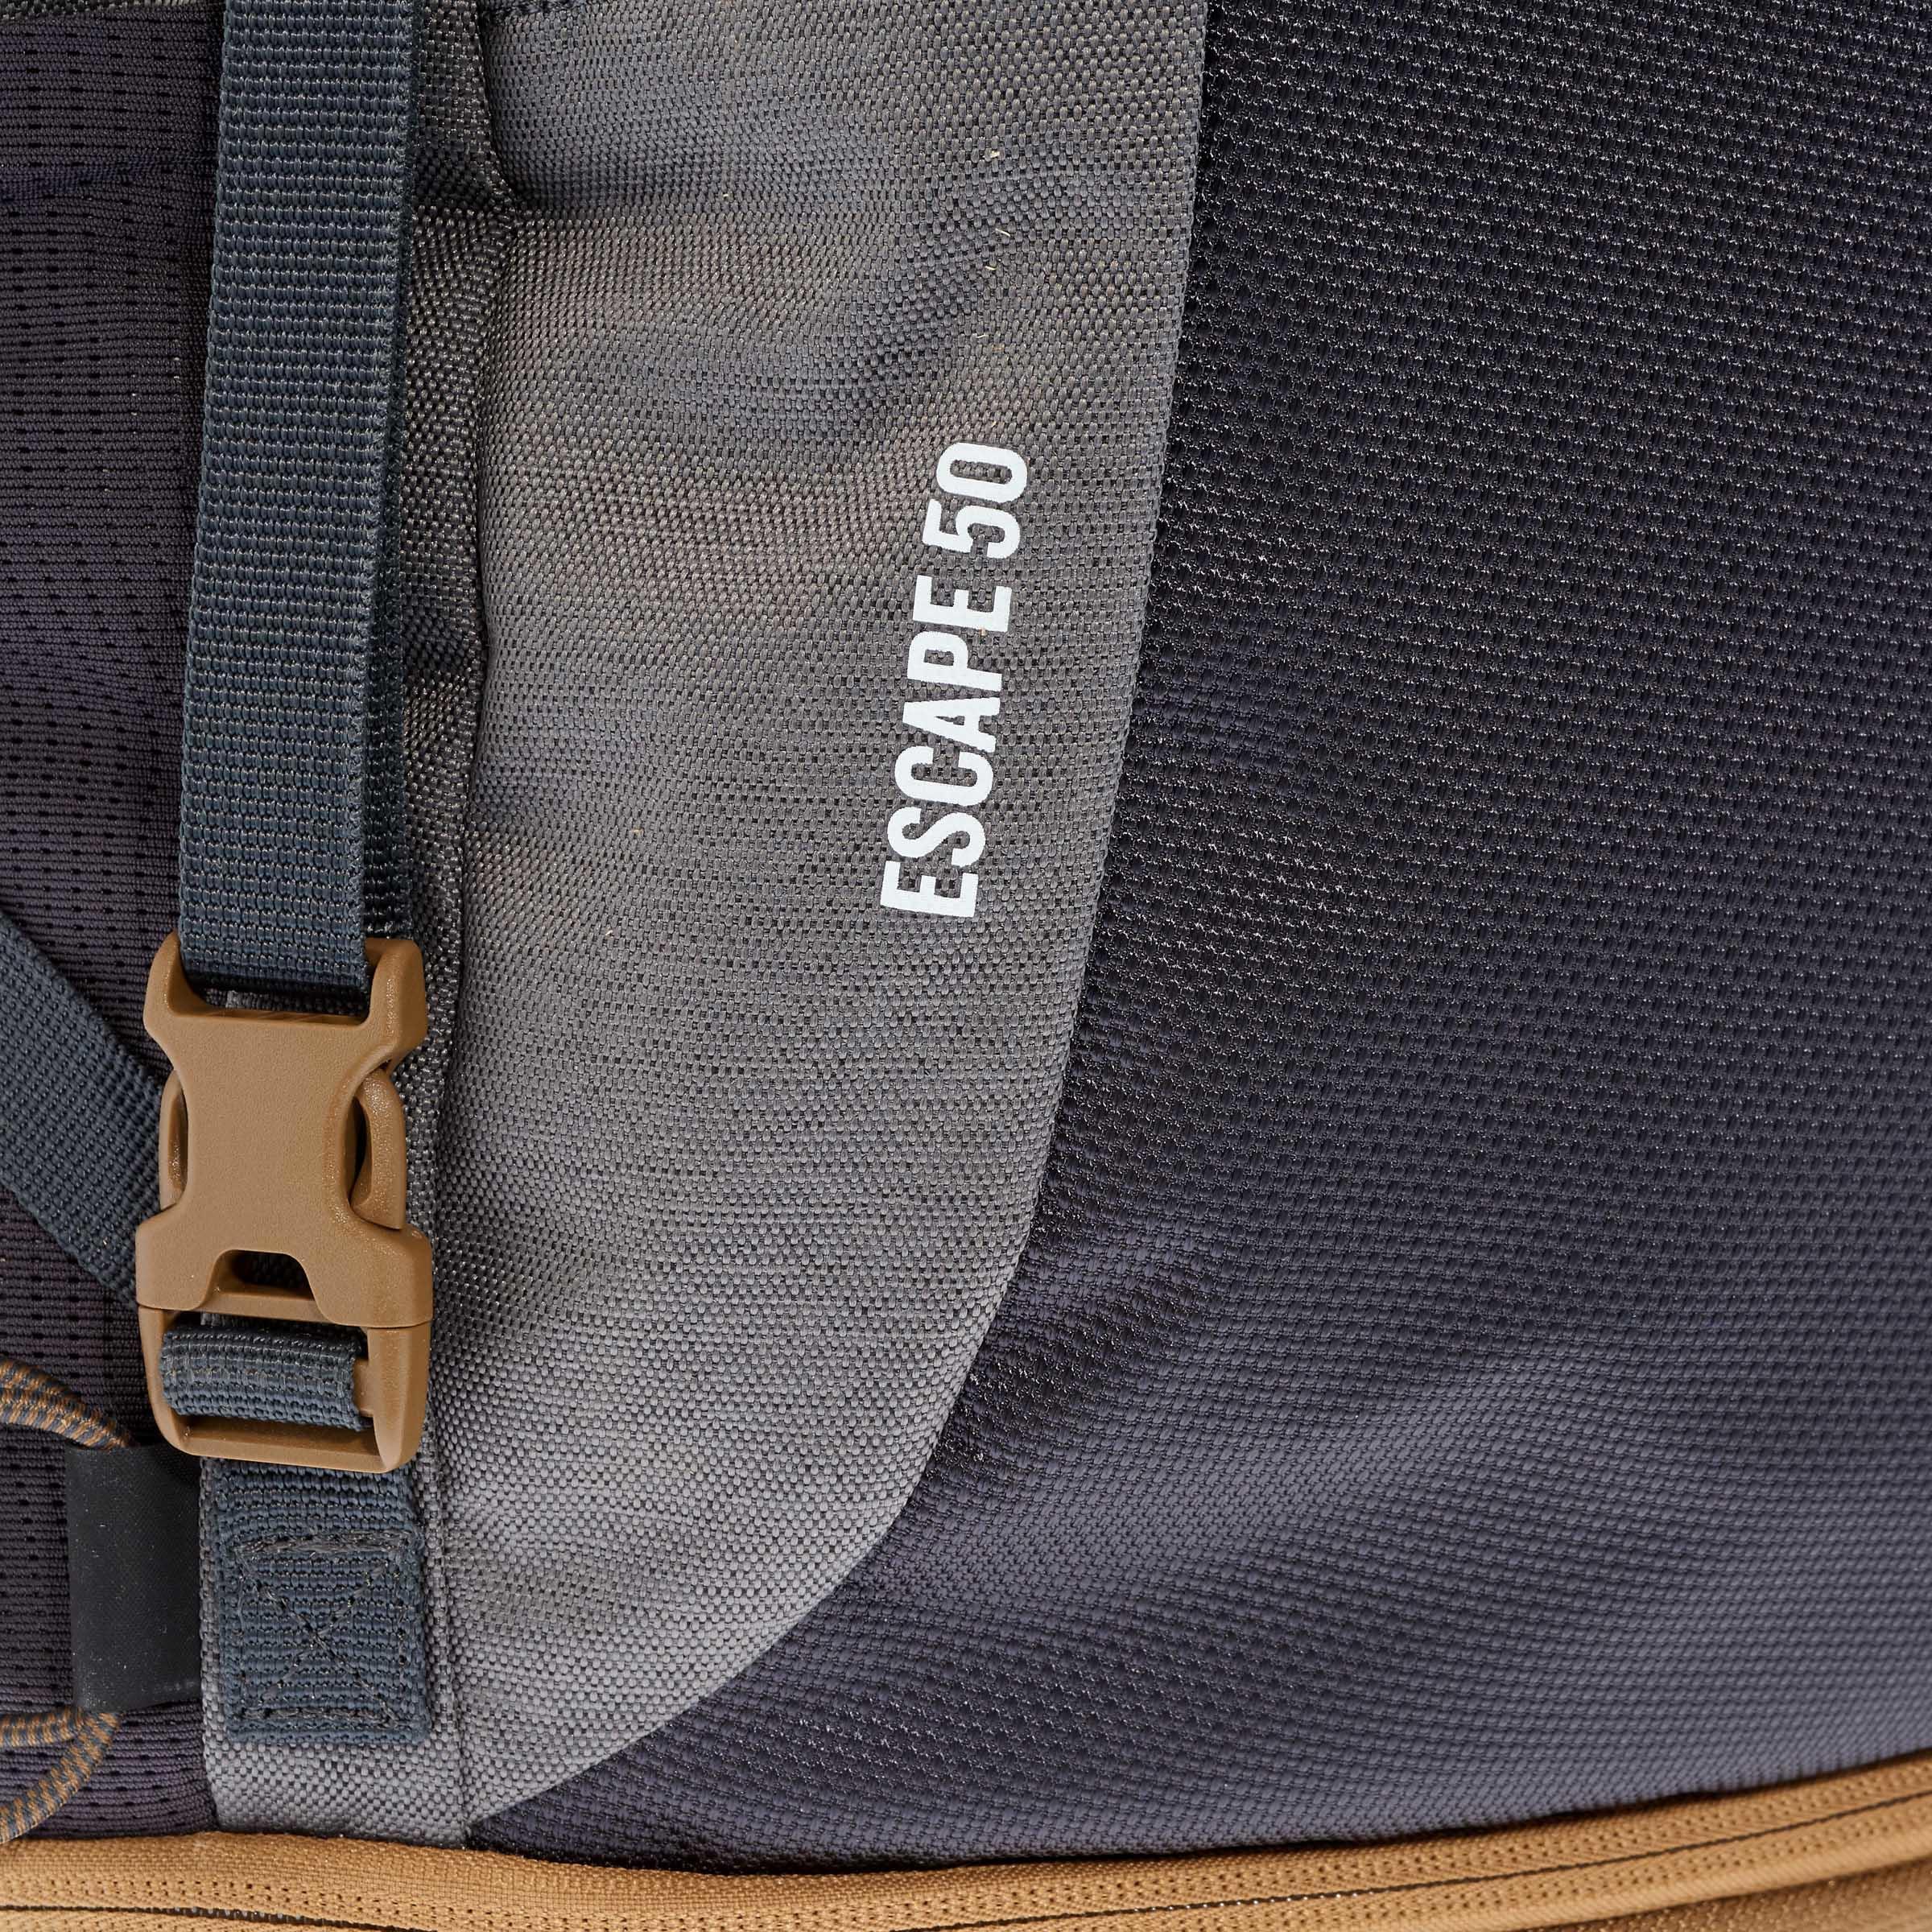 Travel 500 Men's Trekking 50 Litre Lockable Backpack - Grey